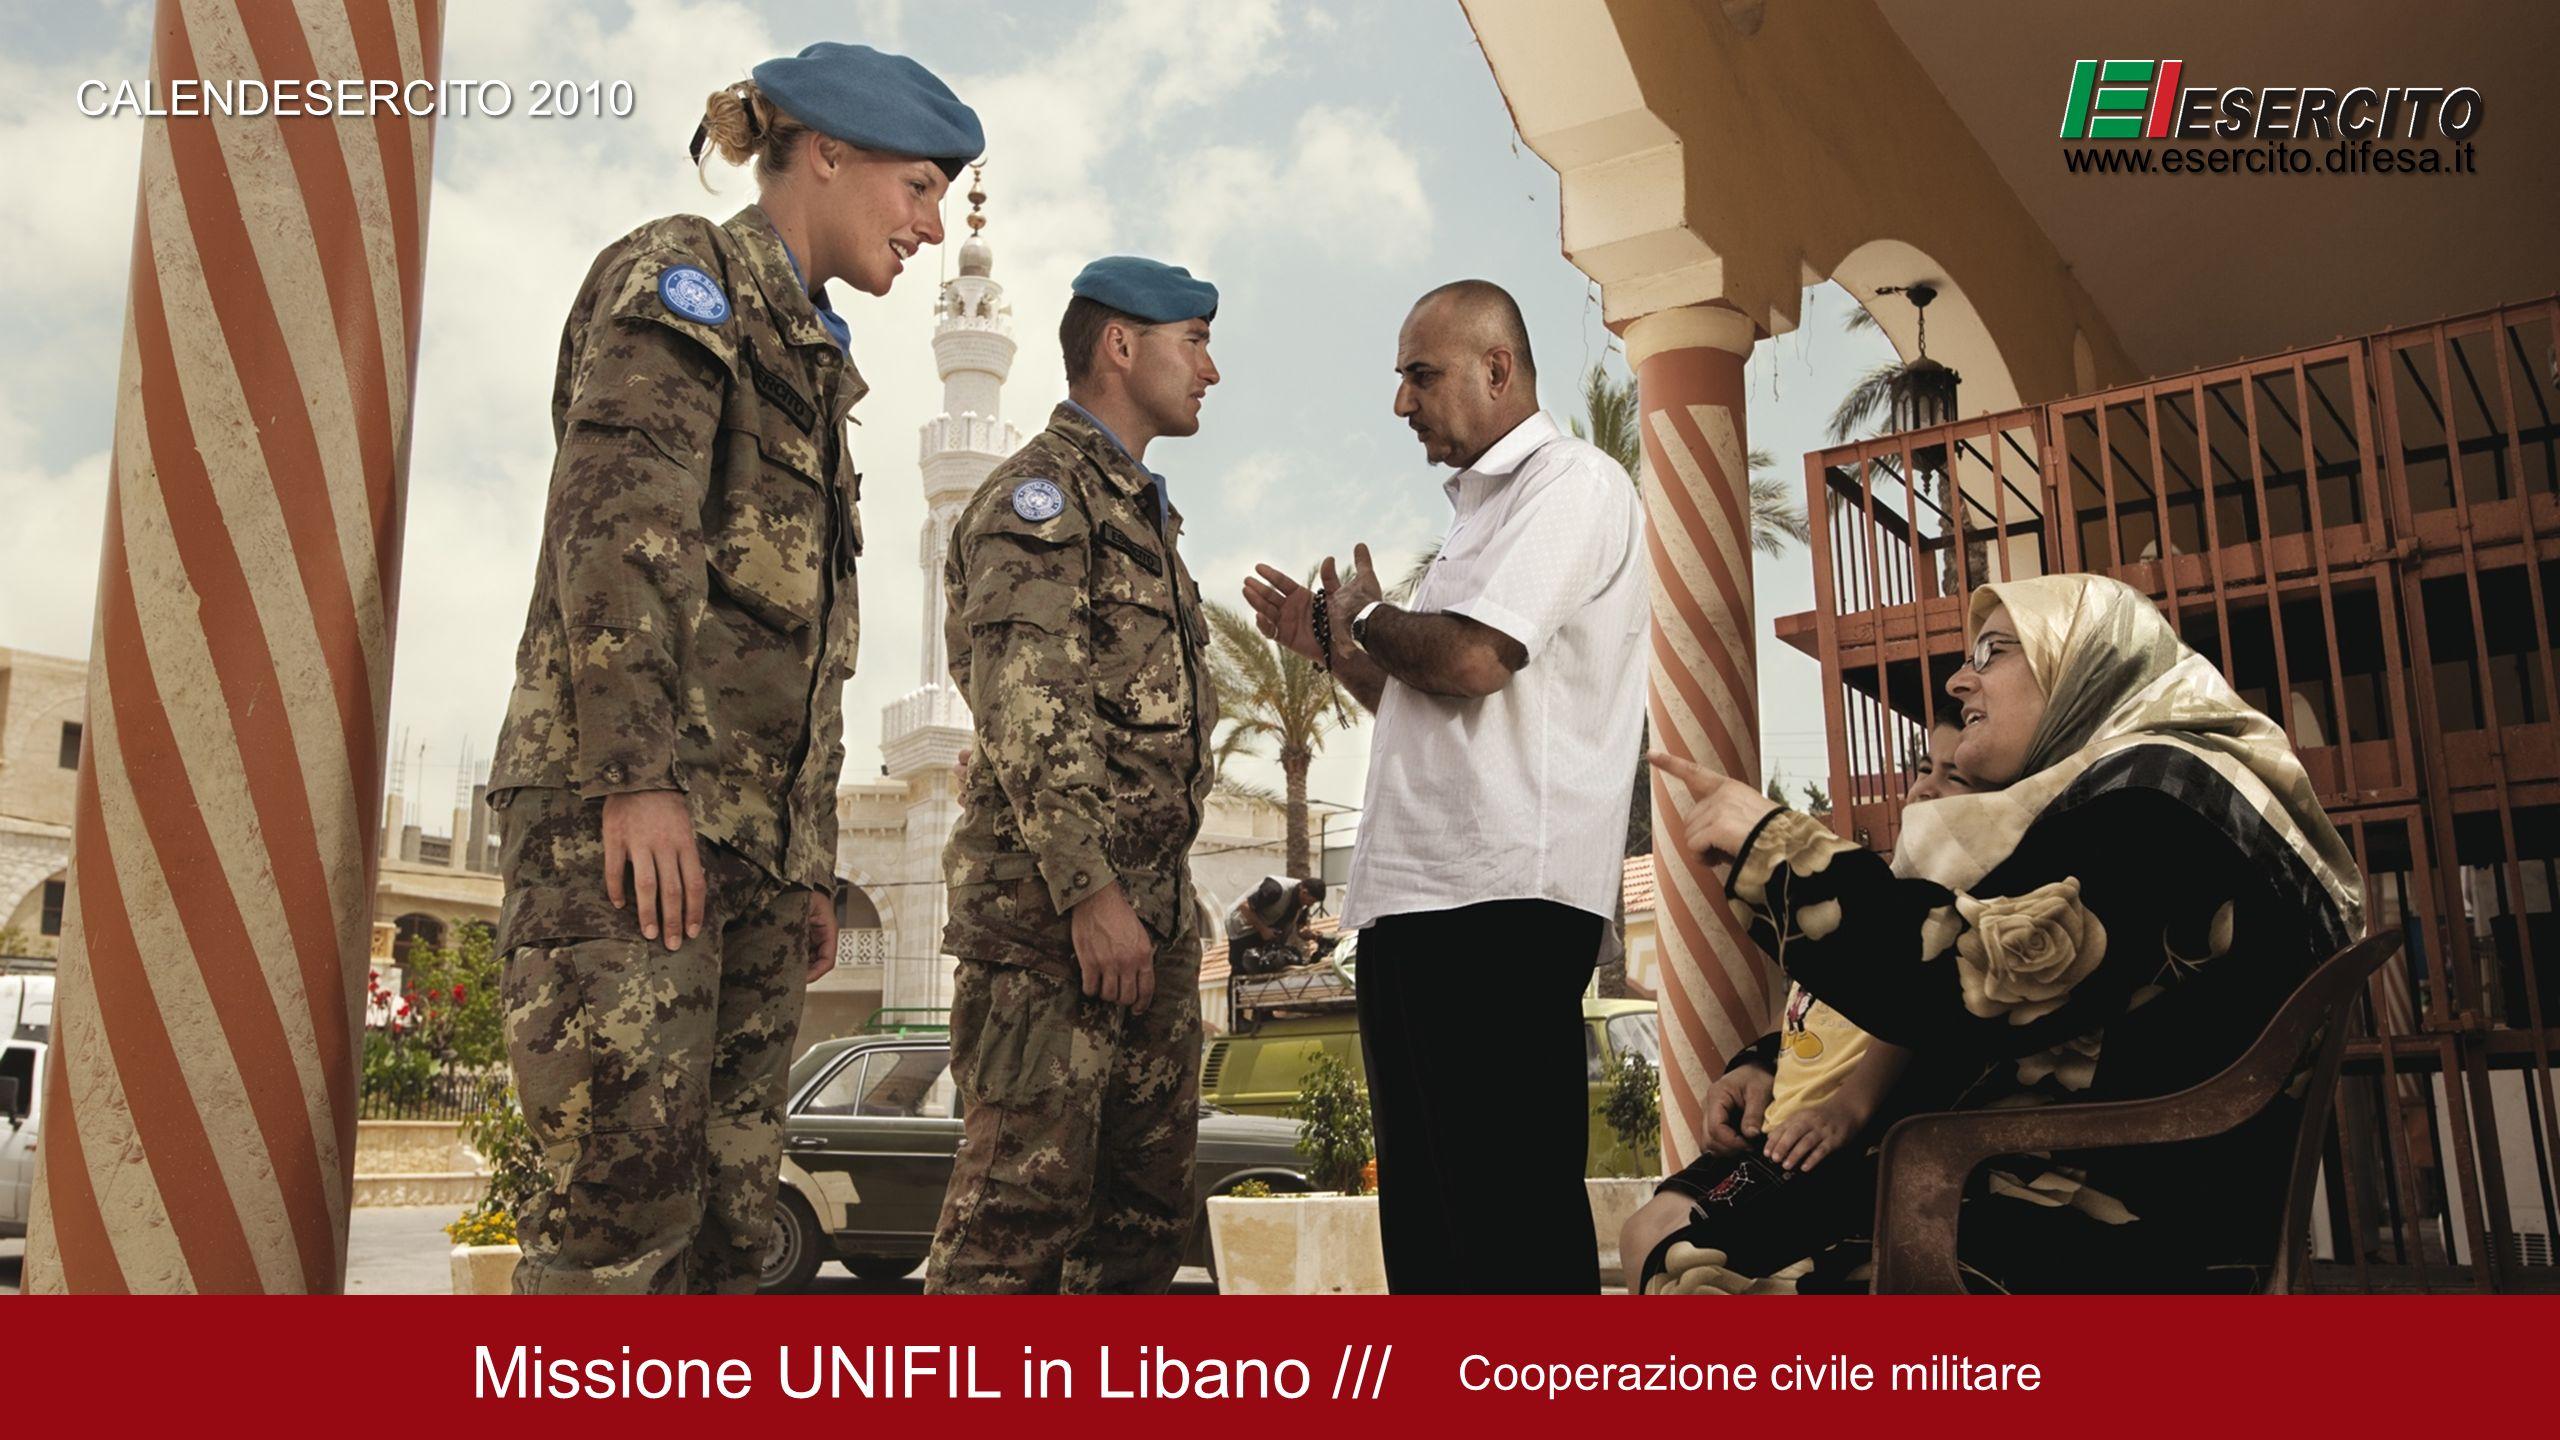 Missione UNIFIL in Libano /// Cooperazione civile militare CALENDESERCITO 2010 www.esercito.difesa.it